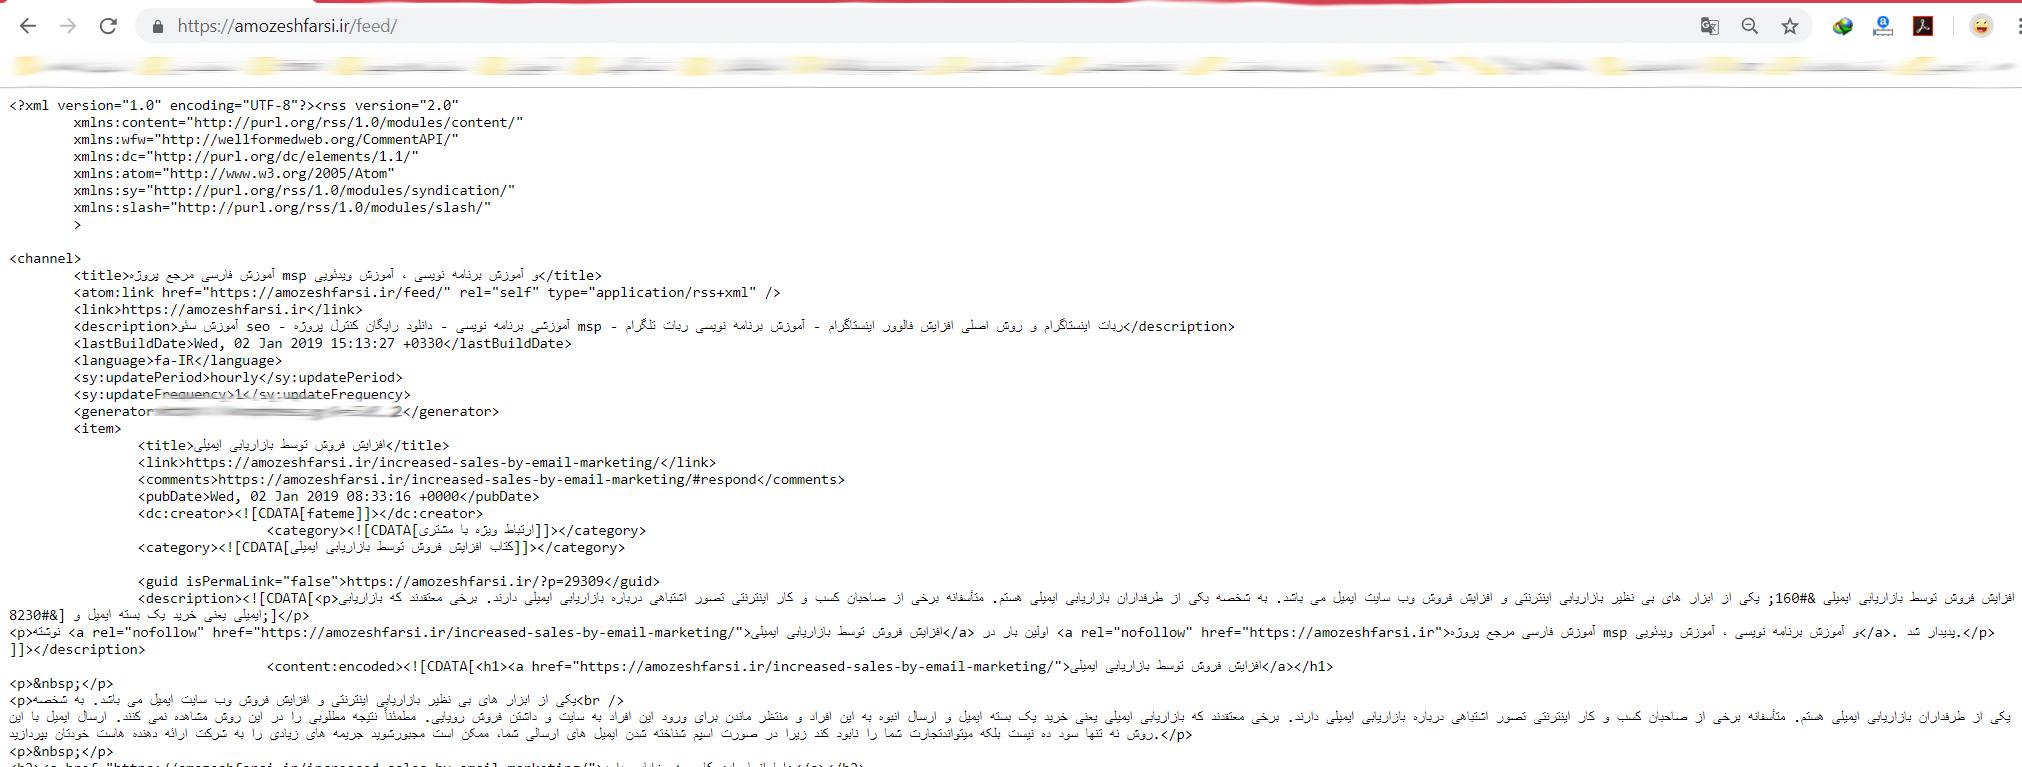 تاثیر جاوا اسکریپت در افزایش رتبه در گوگل سئو